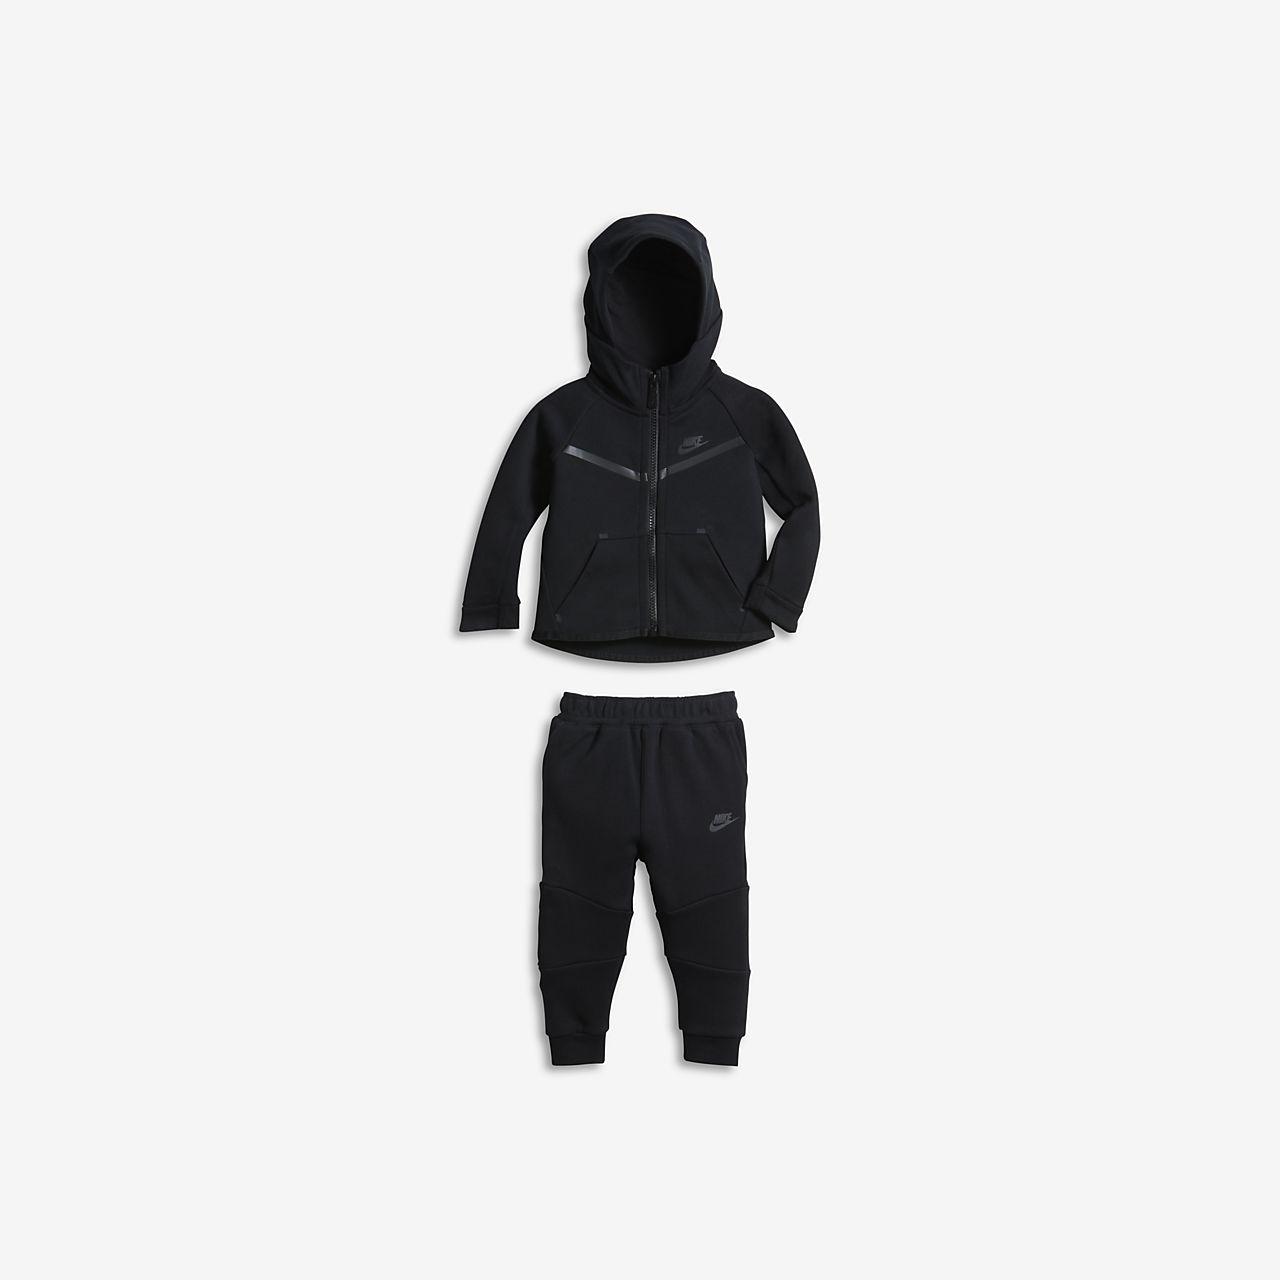 Ensemble sweat à capuche et pantalon Nike Tech Fleece pour Bébé (12 - 24 mois)